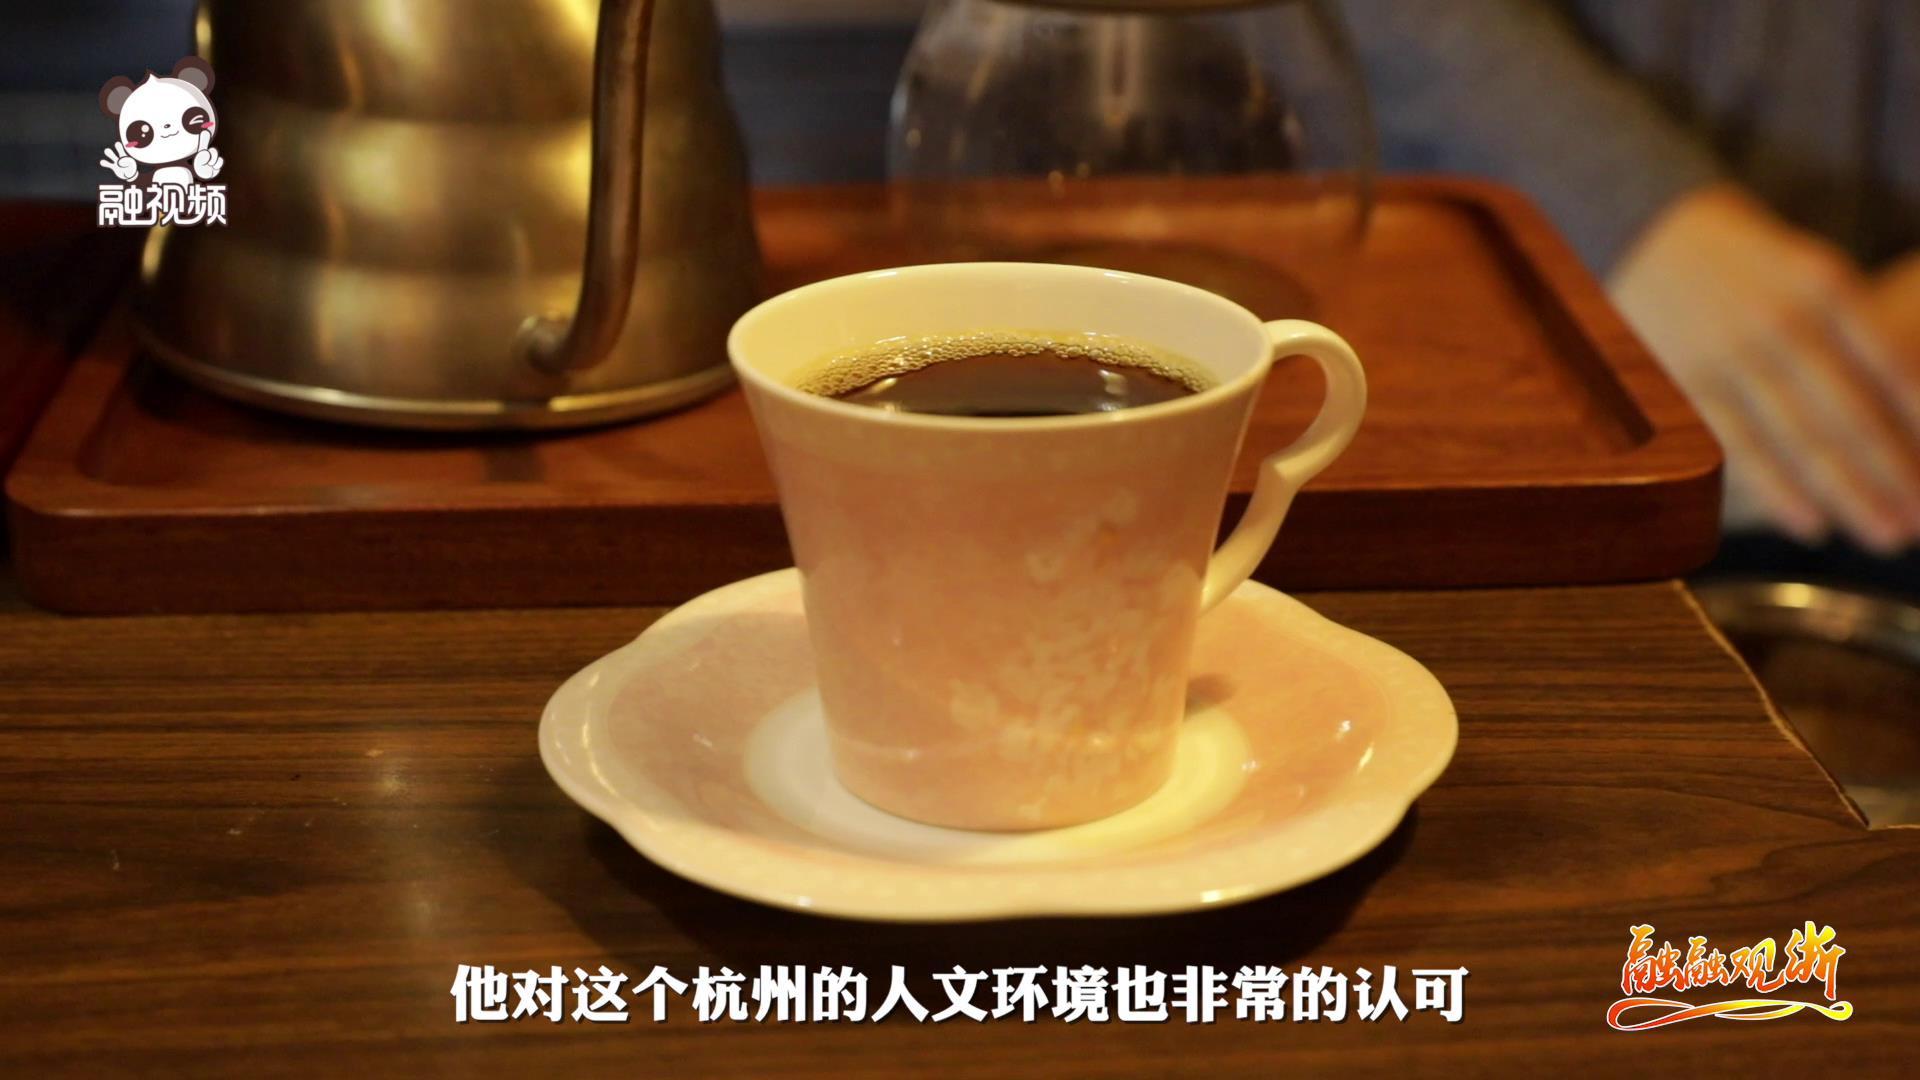 从爱情到事业 因咖啡结缘的两岸婚姻图片